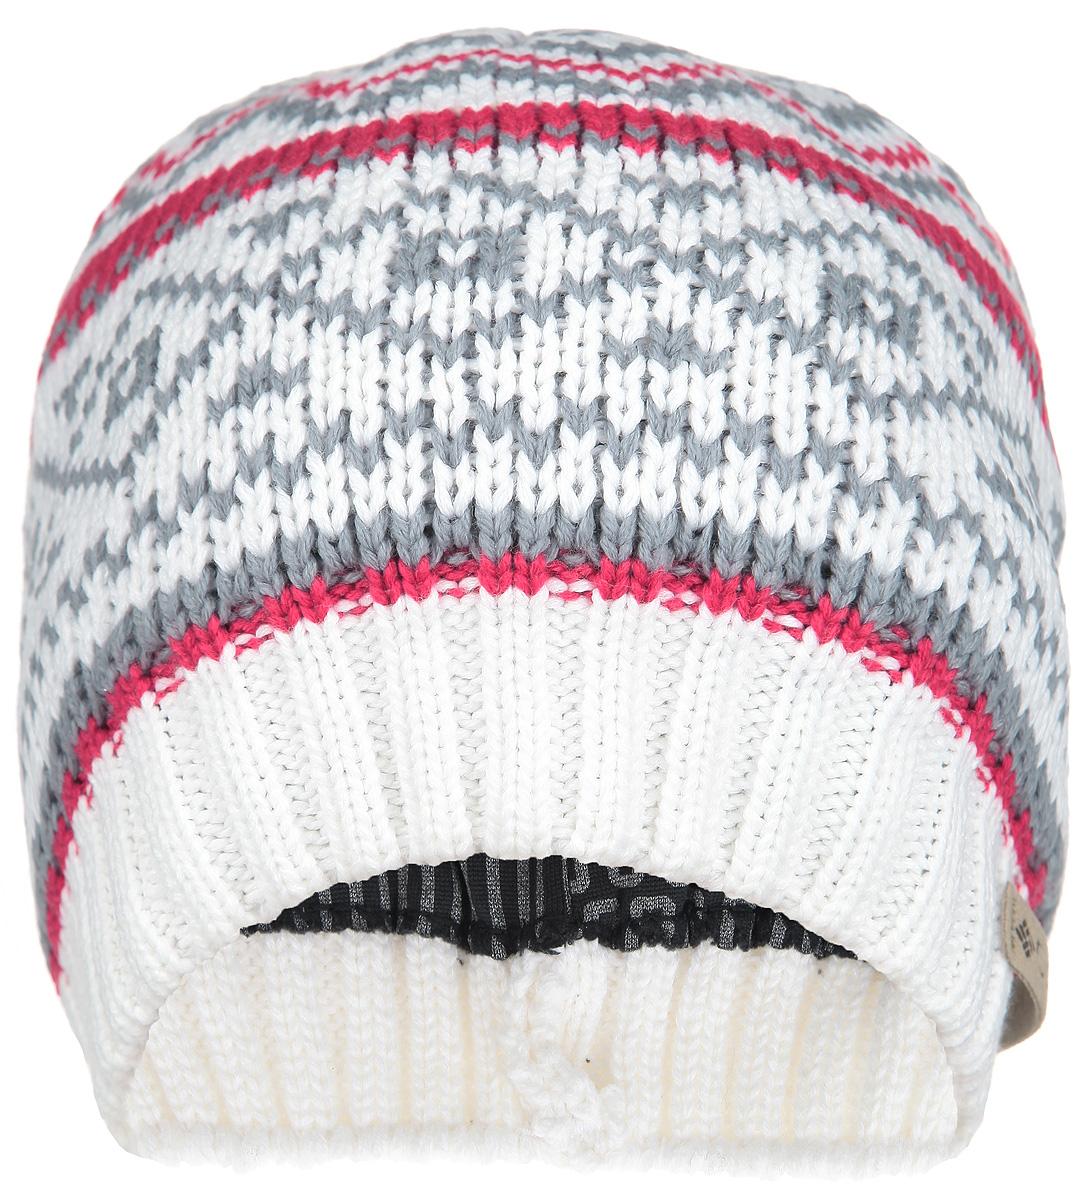 Шапка унисекс White Pine Beanie. CU9215CU9215-100Великолепная шапка унисекс Columbia White Pine Beanie обладает современным дизайном, который будет актуальным как на спортивных мероприятиях, так и в повседневной жизни. Шапка выполнена гладкой вязкой из приятного на ощупь акрила с подкладкой, что позволяет ей великолепно сохранять тепло и обеспечивать высокую эластичность. Край шапки связан резинкой для удобства посадки. Модель оформлена орнаментами и украшена кожаной нашивкой с логотипом бренда. Такой головной убор сочетает в себе эстетические элементы с высокой практичностью.